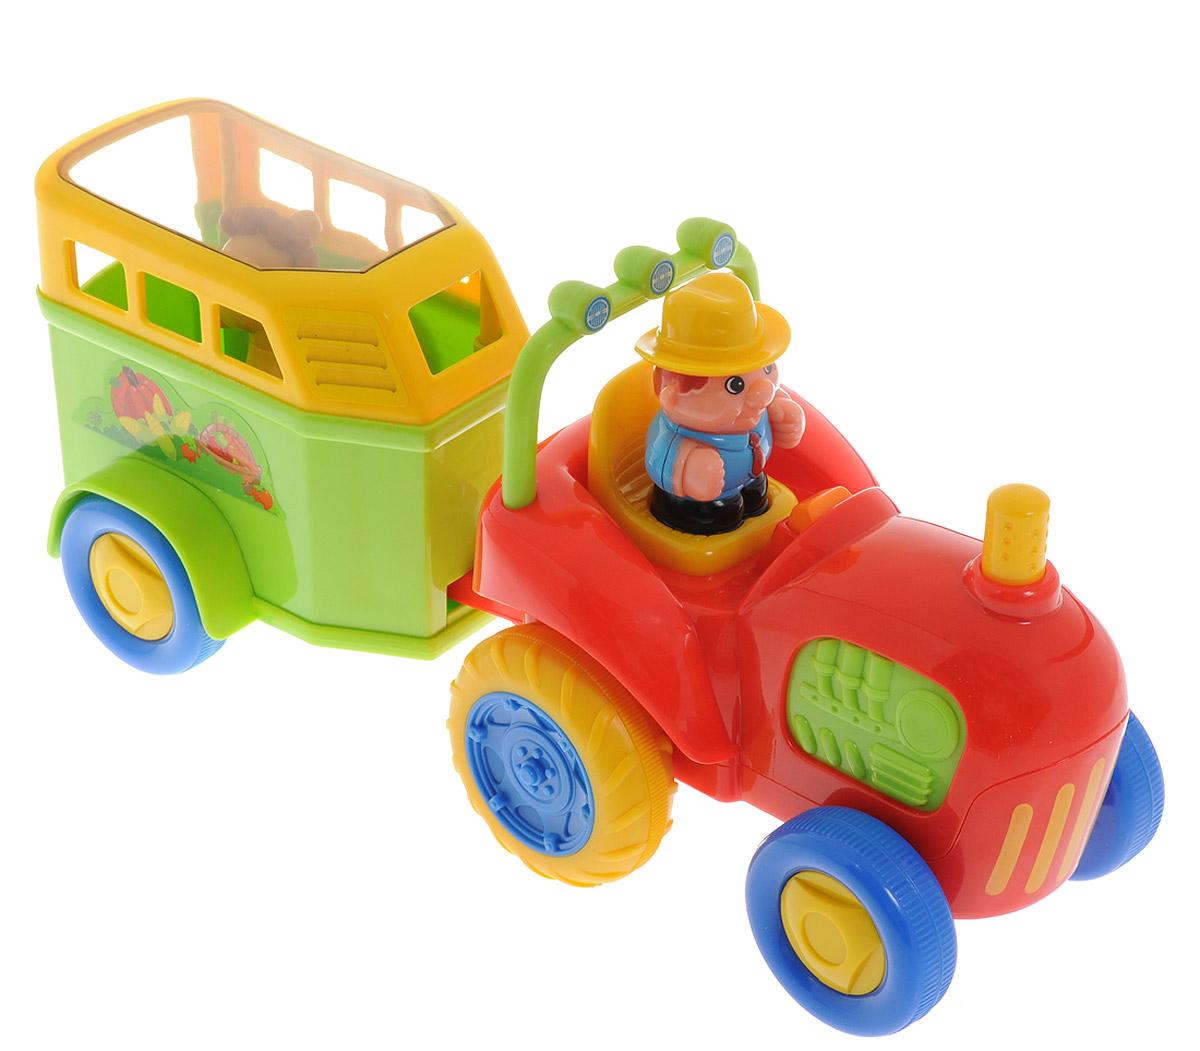 Kiddieland Развивающая игрушка Трактор с лошадкой развивающая игрушка конструктор трактор с тележкой бомик